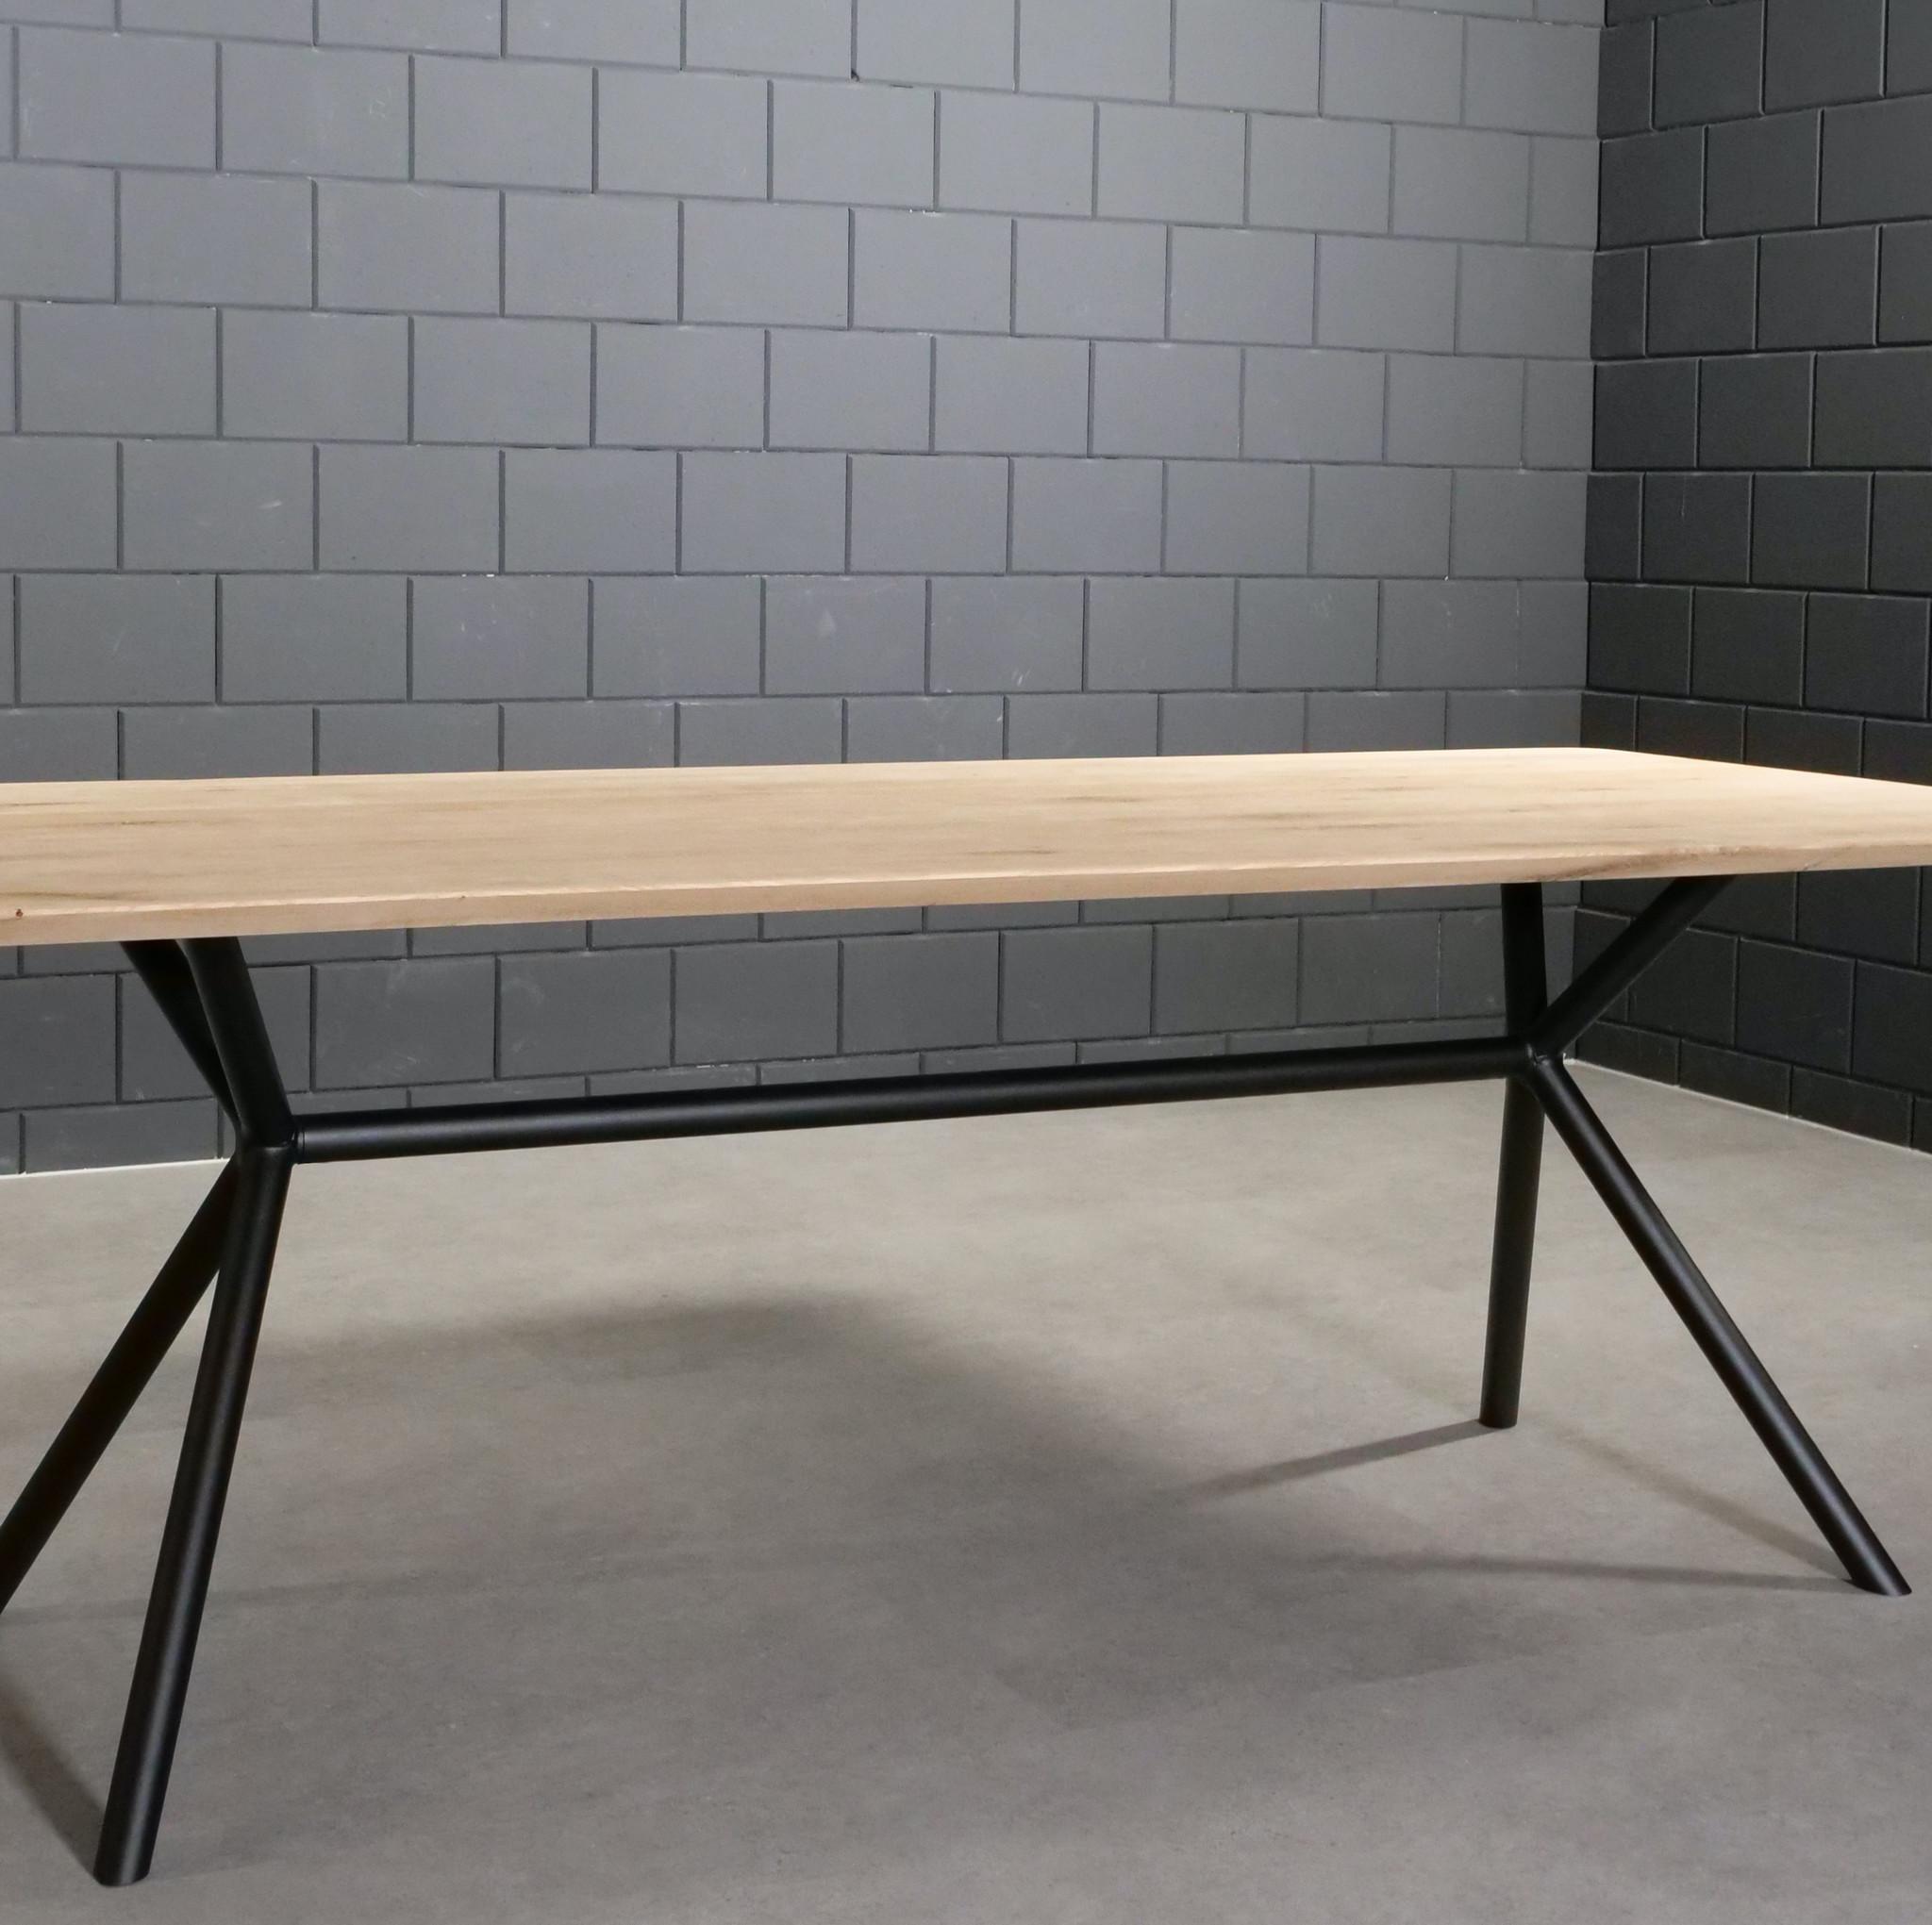 Tischgestell Metall 3D X-Beine Frame rund - 3-Teilig - 4,2 cm - 70x246 cm - 72cm hoch - Stahl Tischuntergestell - Rechteck - Beschichtet - Schwarz